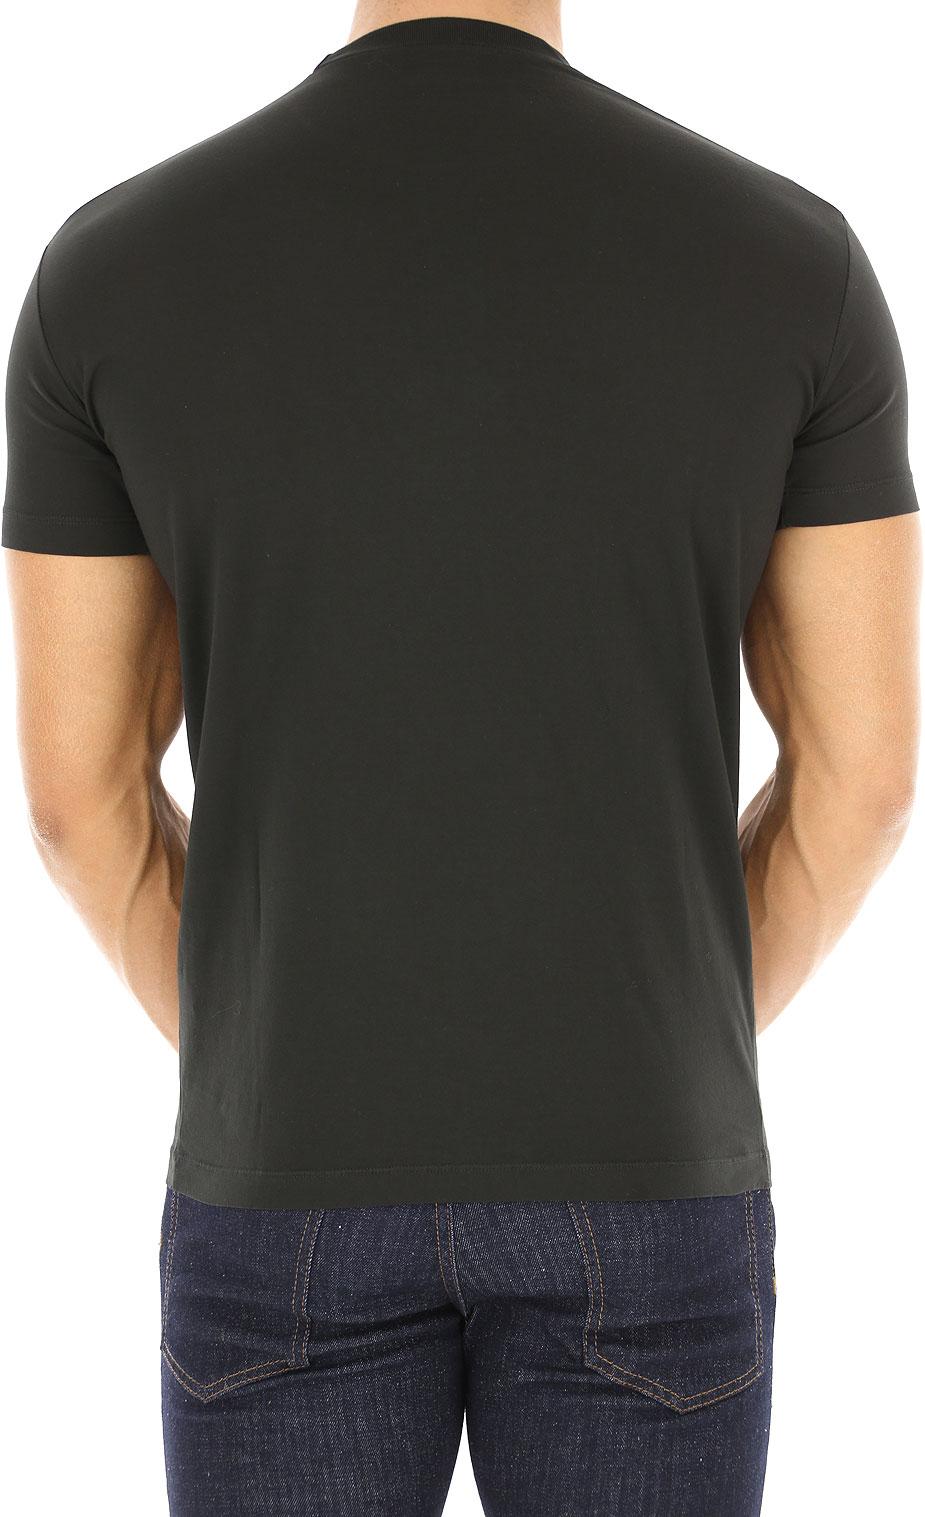 Abbigliamento Uomo Dsquared, Codice Articolo: gd0446-s22427-900